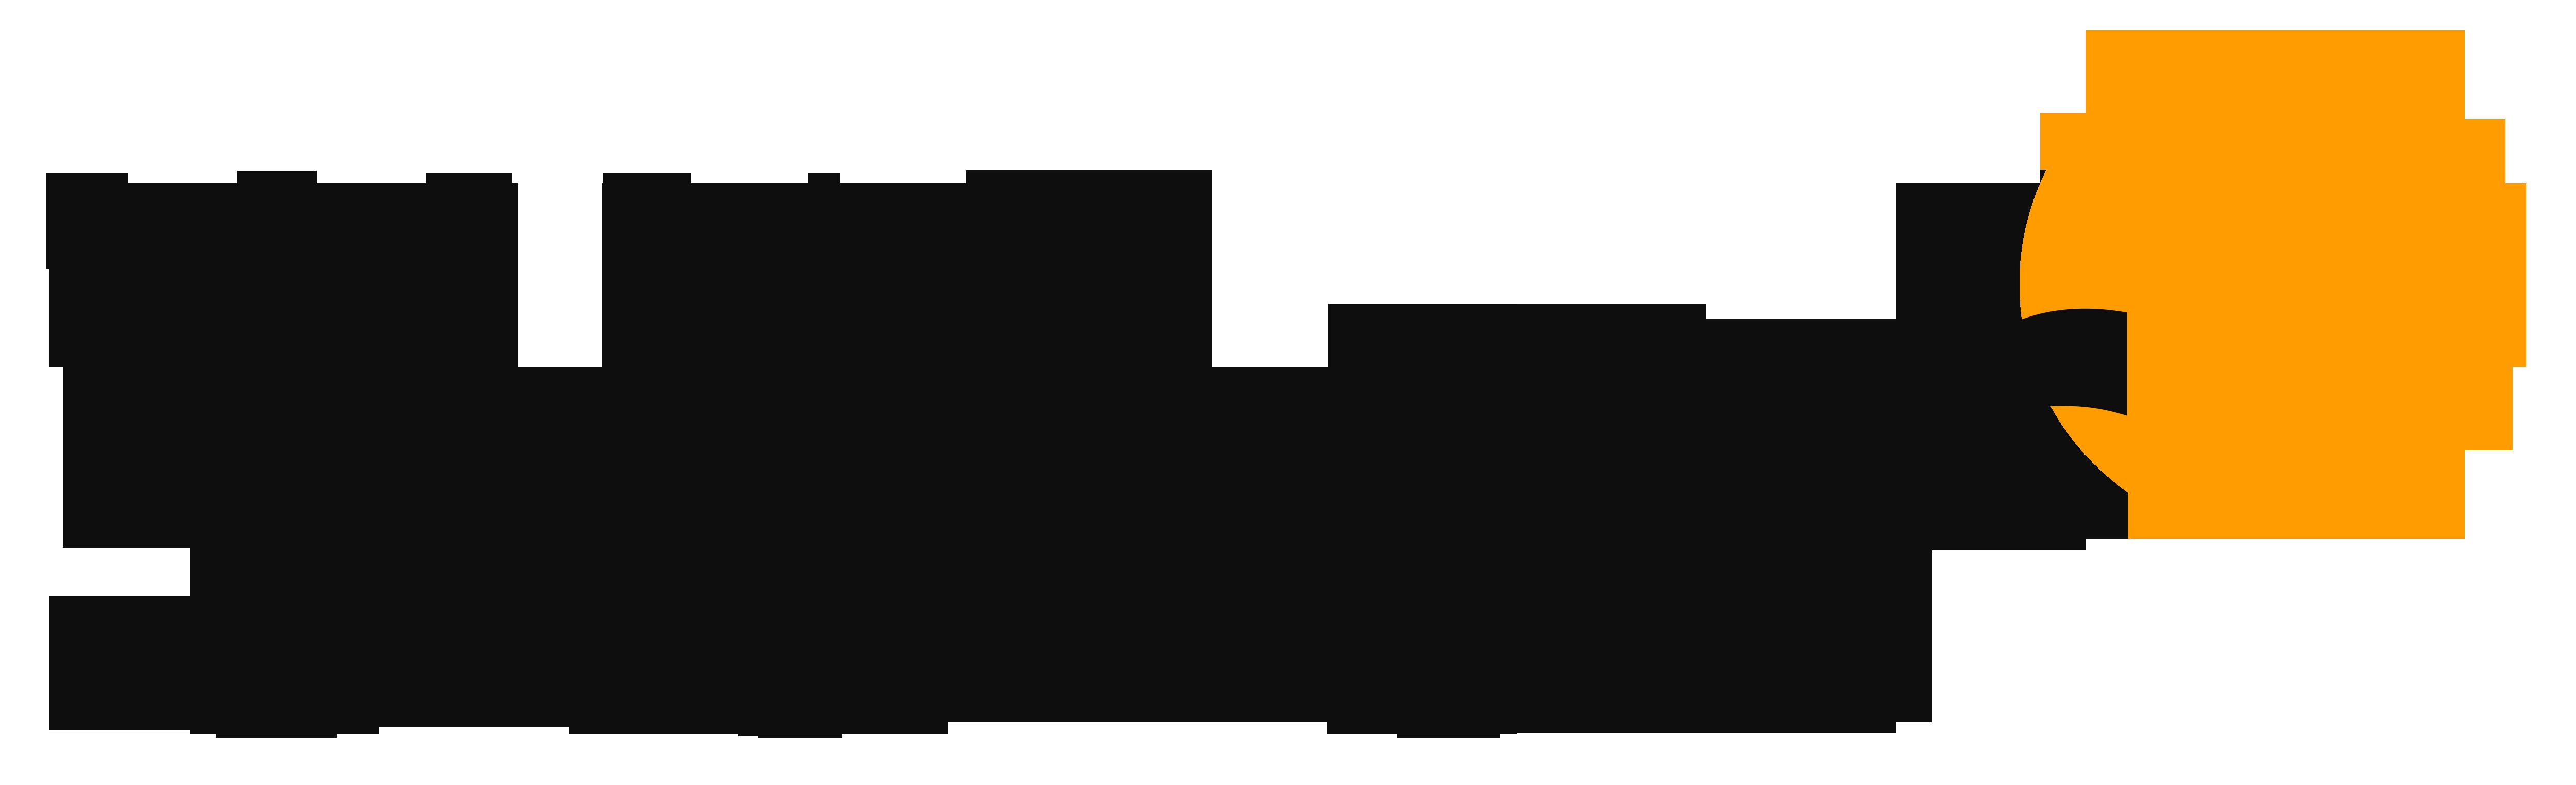 portalsolar